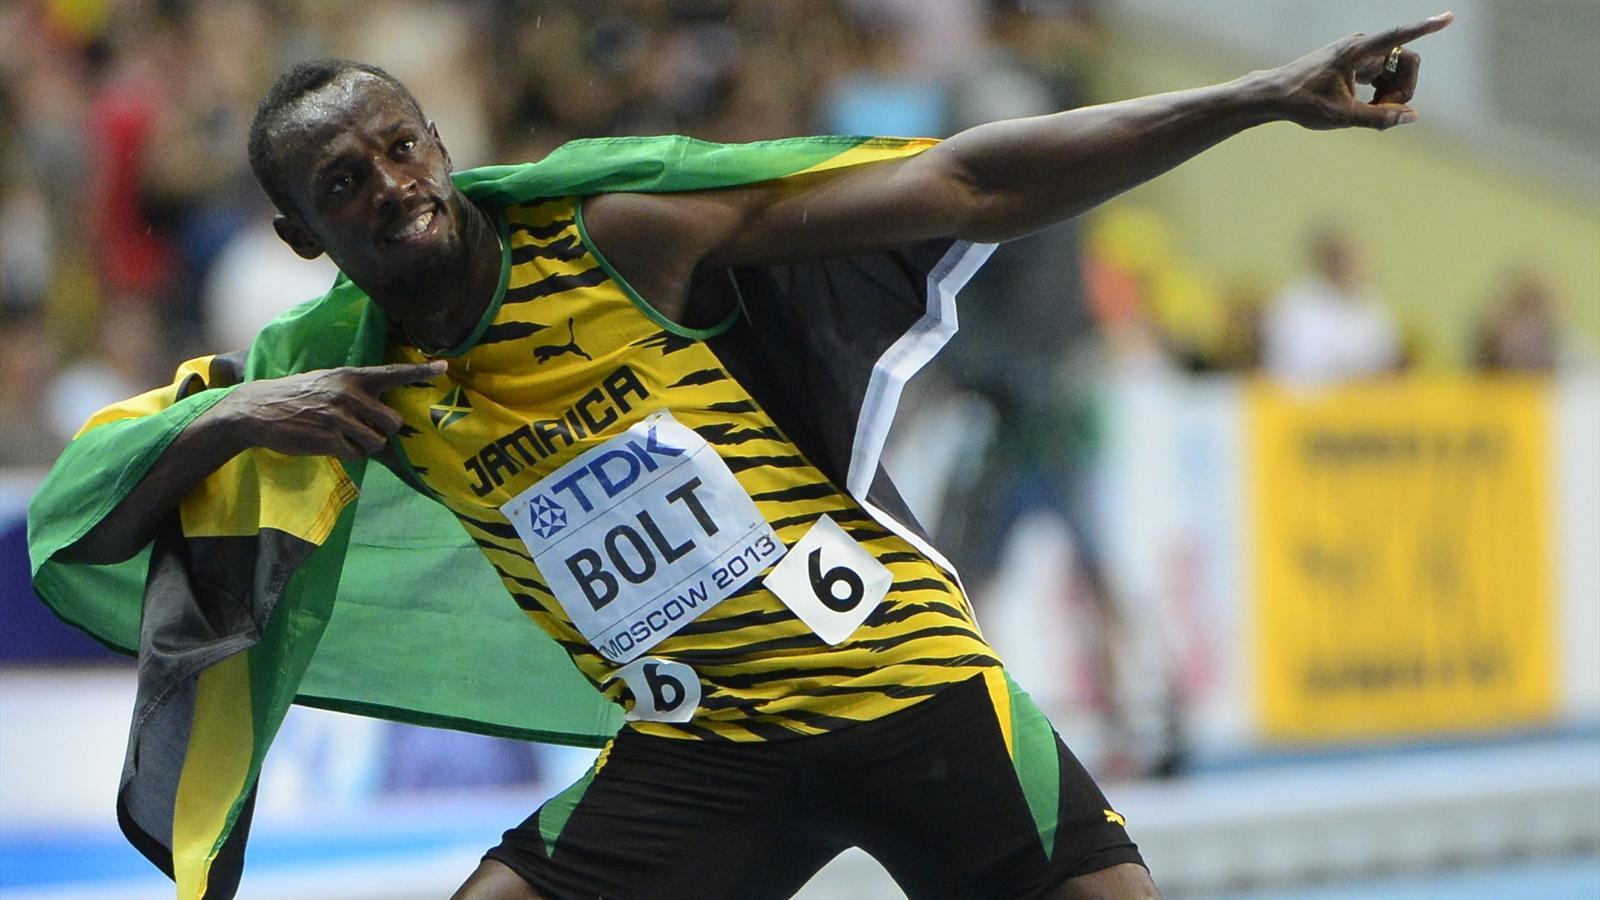 скорость человека на 100 метровке рекорд